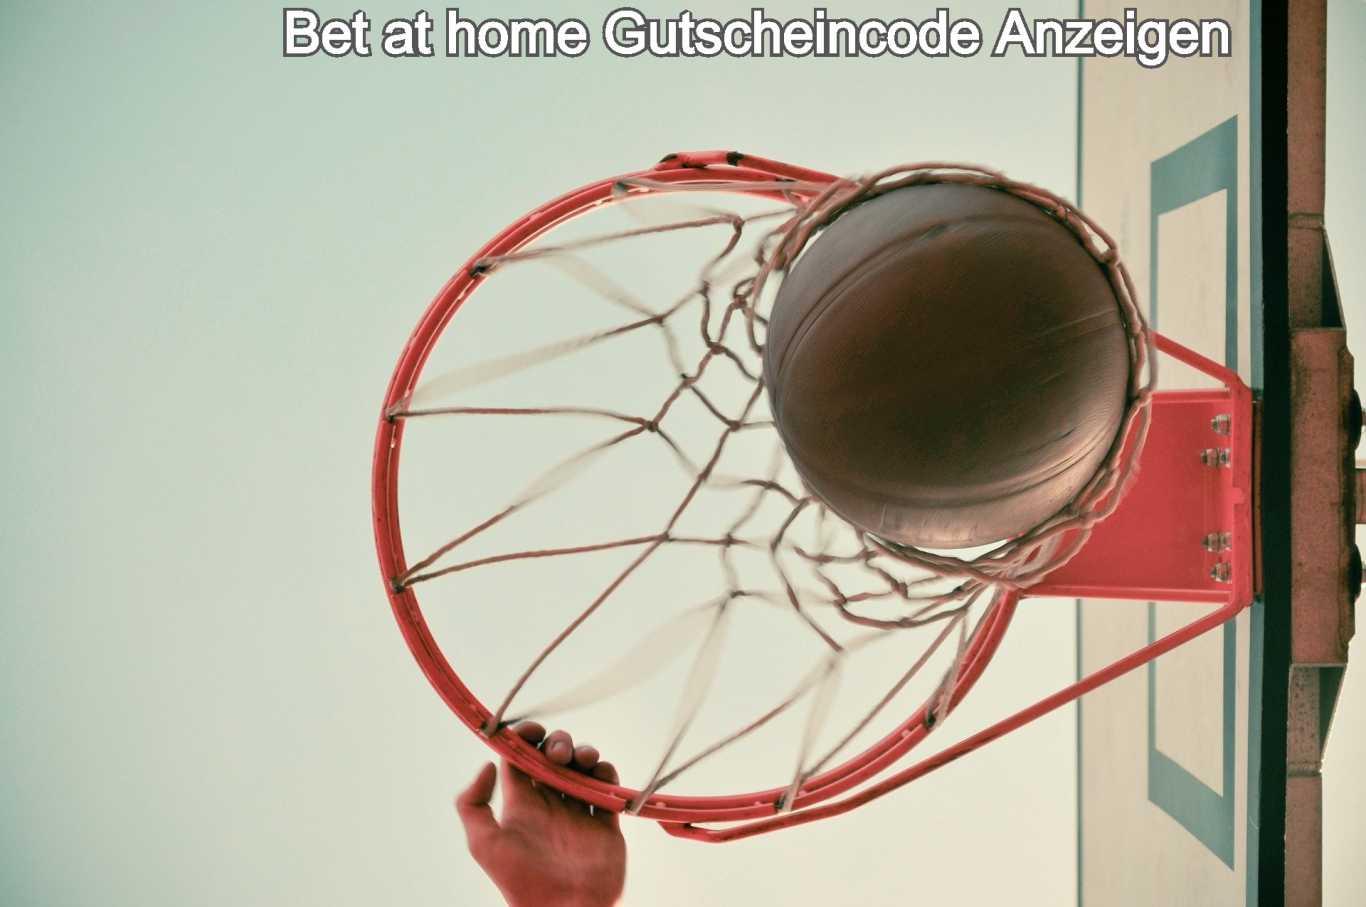 Bet at home Gutscheincode Anzeigen